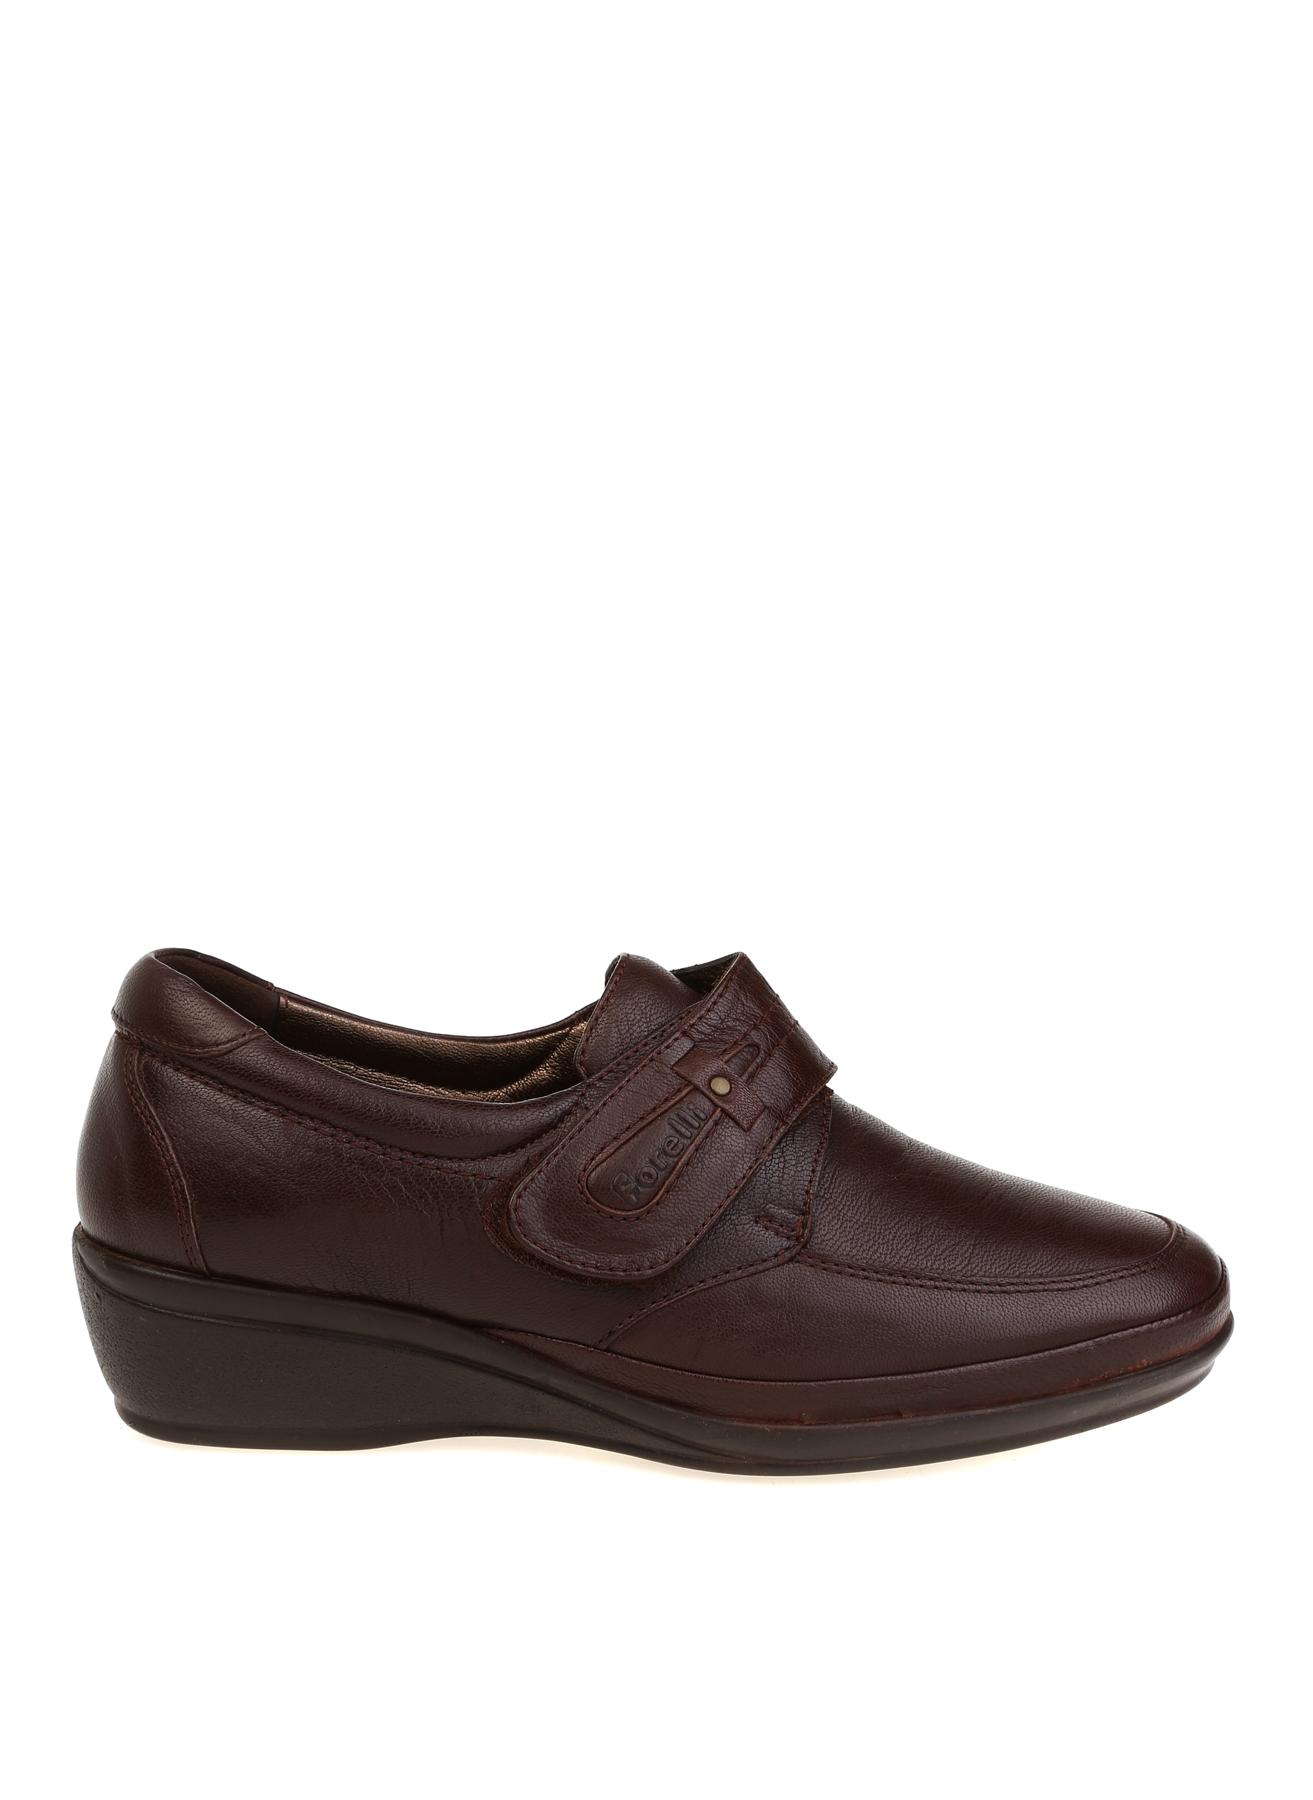 Forelli Deri Cırtcırtlı Kahverengi Düz Ayakkabı 41 5002340442006 Ürün Resmi